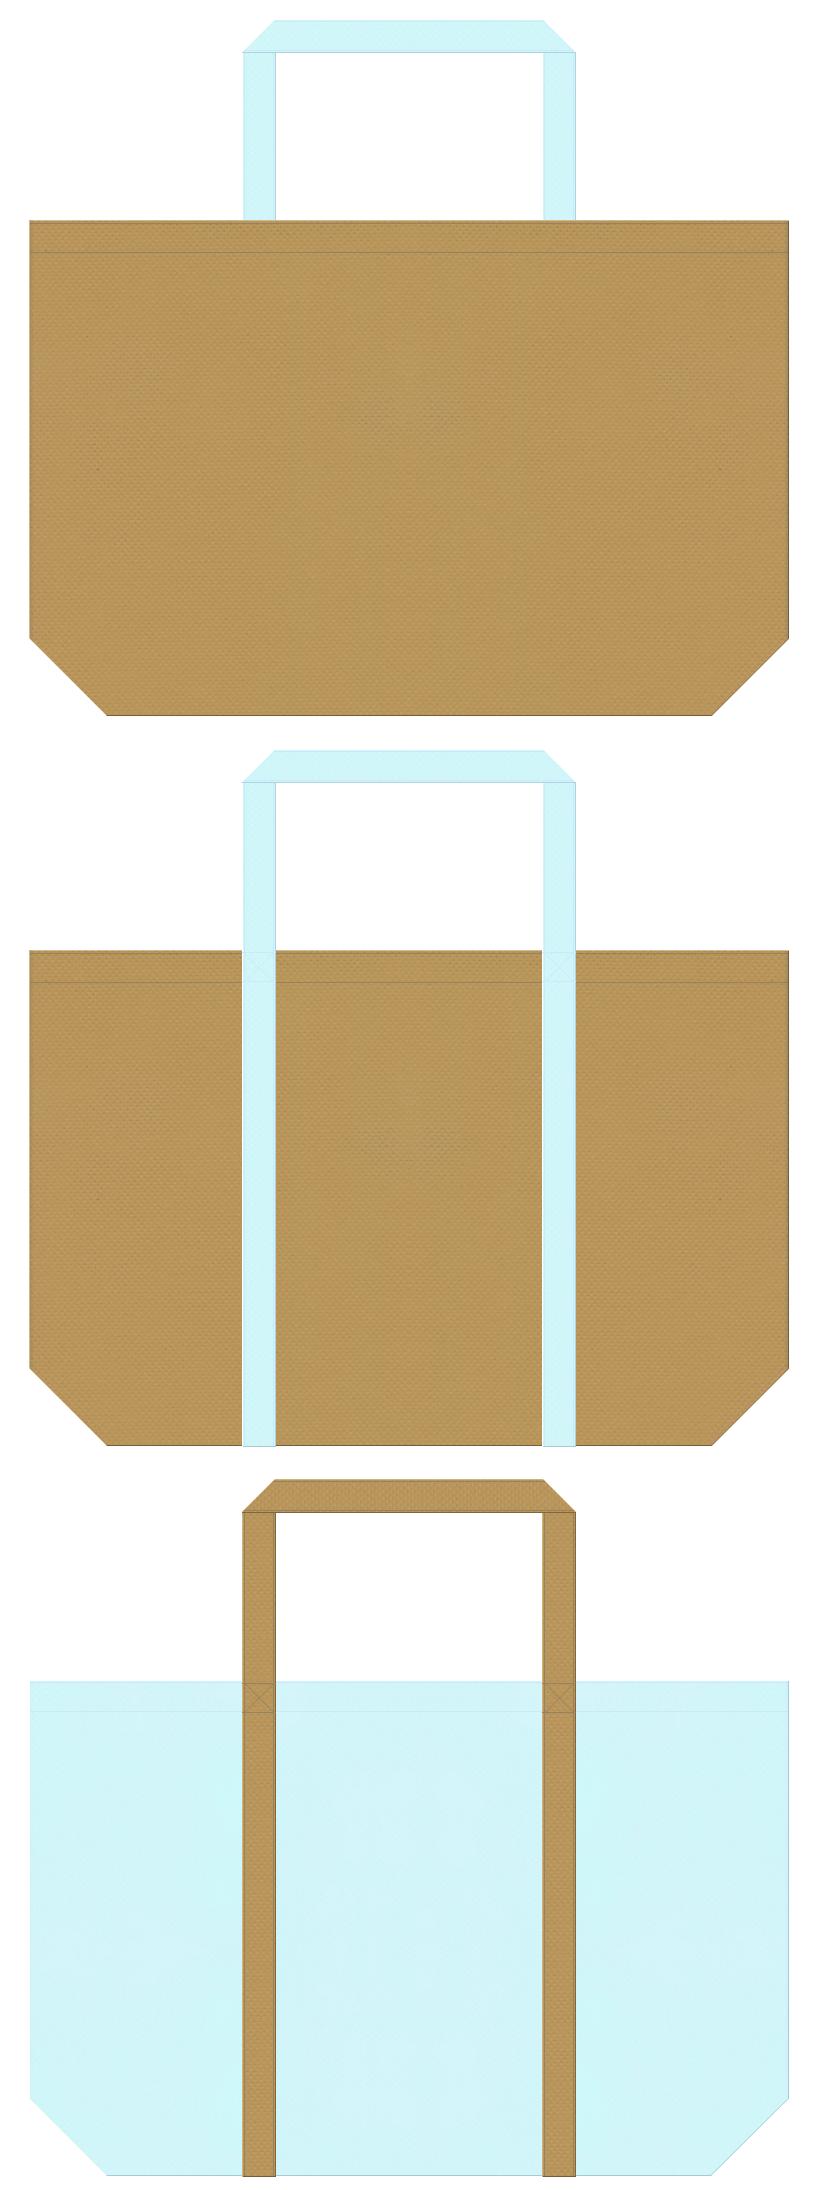 金色系黄土色と水色の不織布ショッピングバッグデザイン。